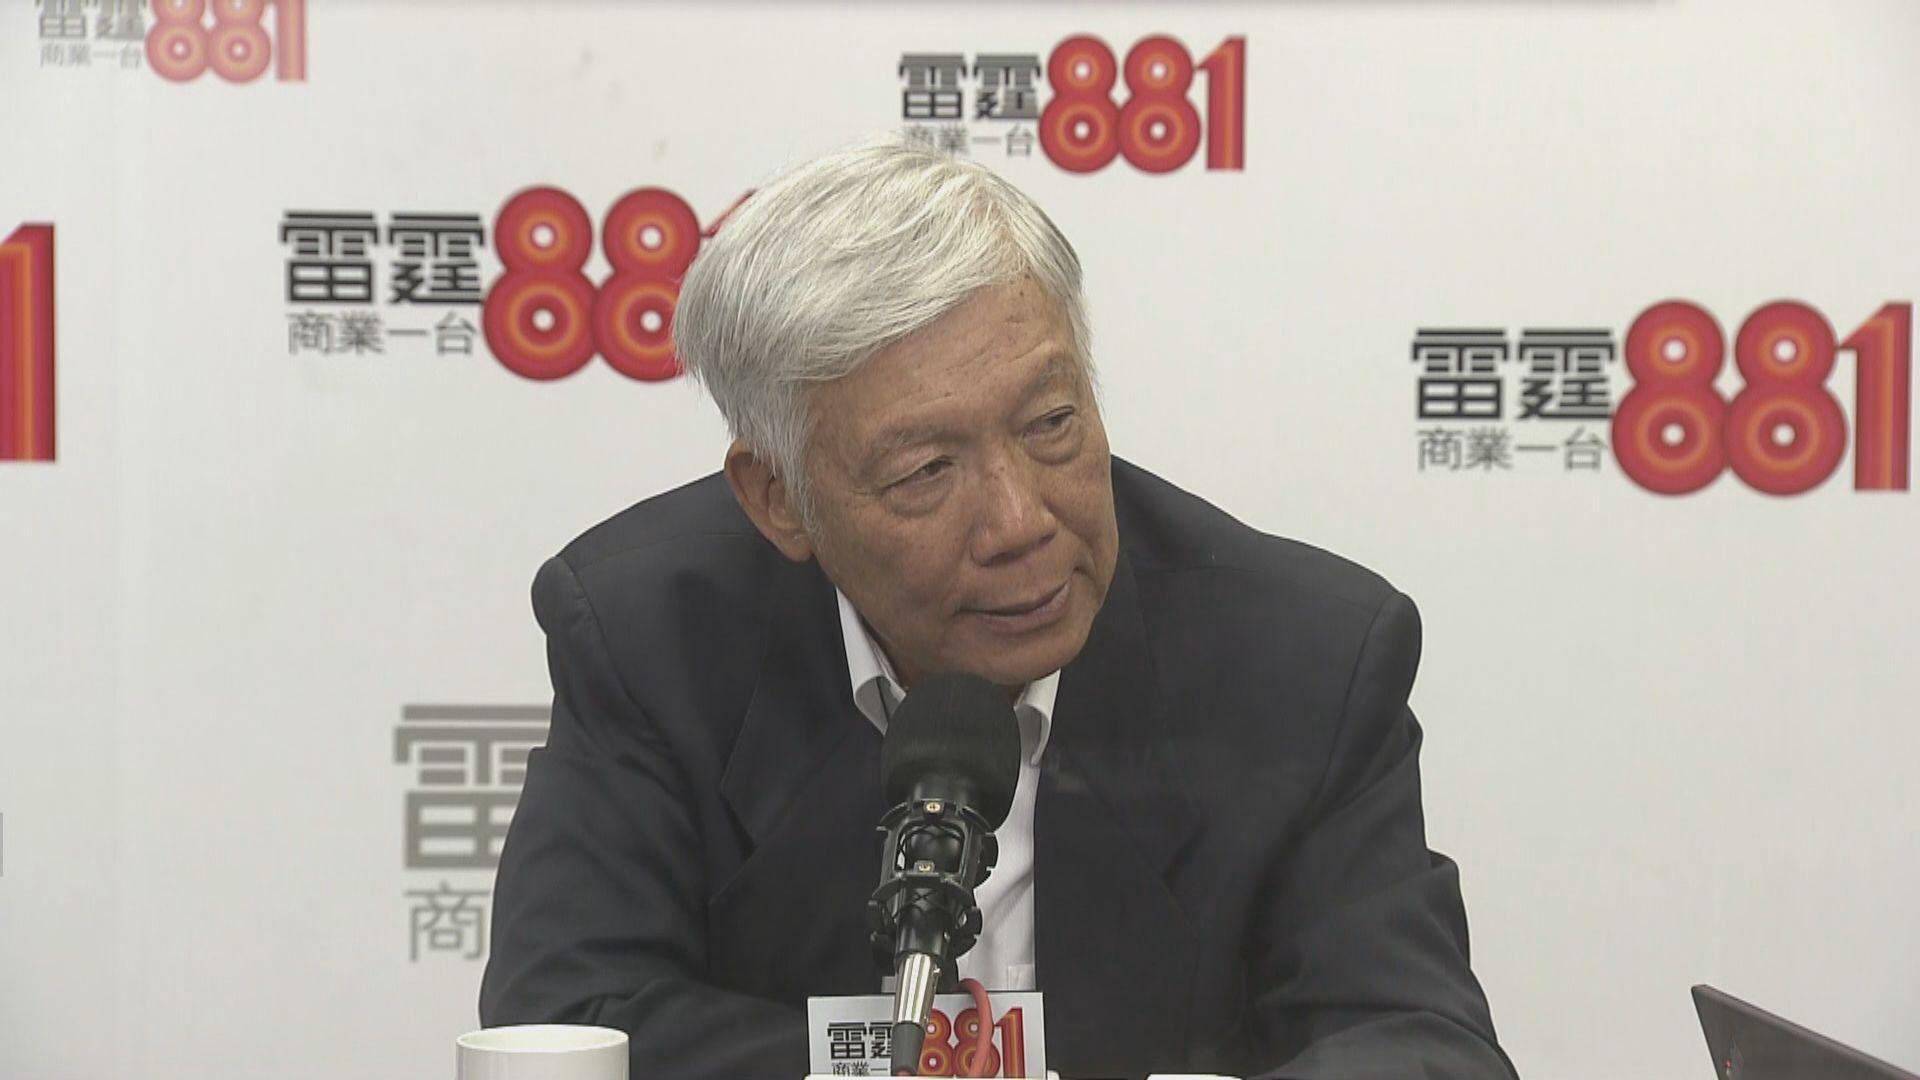 朱耀明相信政府有六四學運人士清單